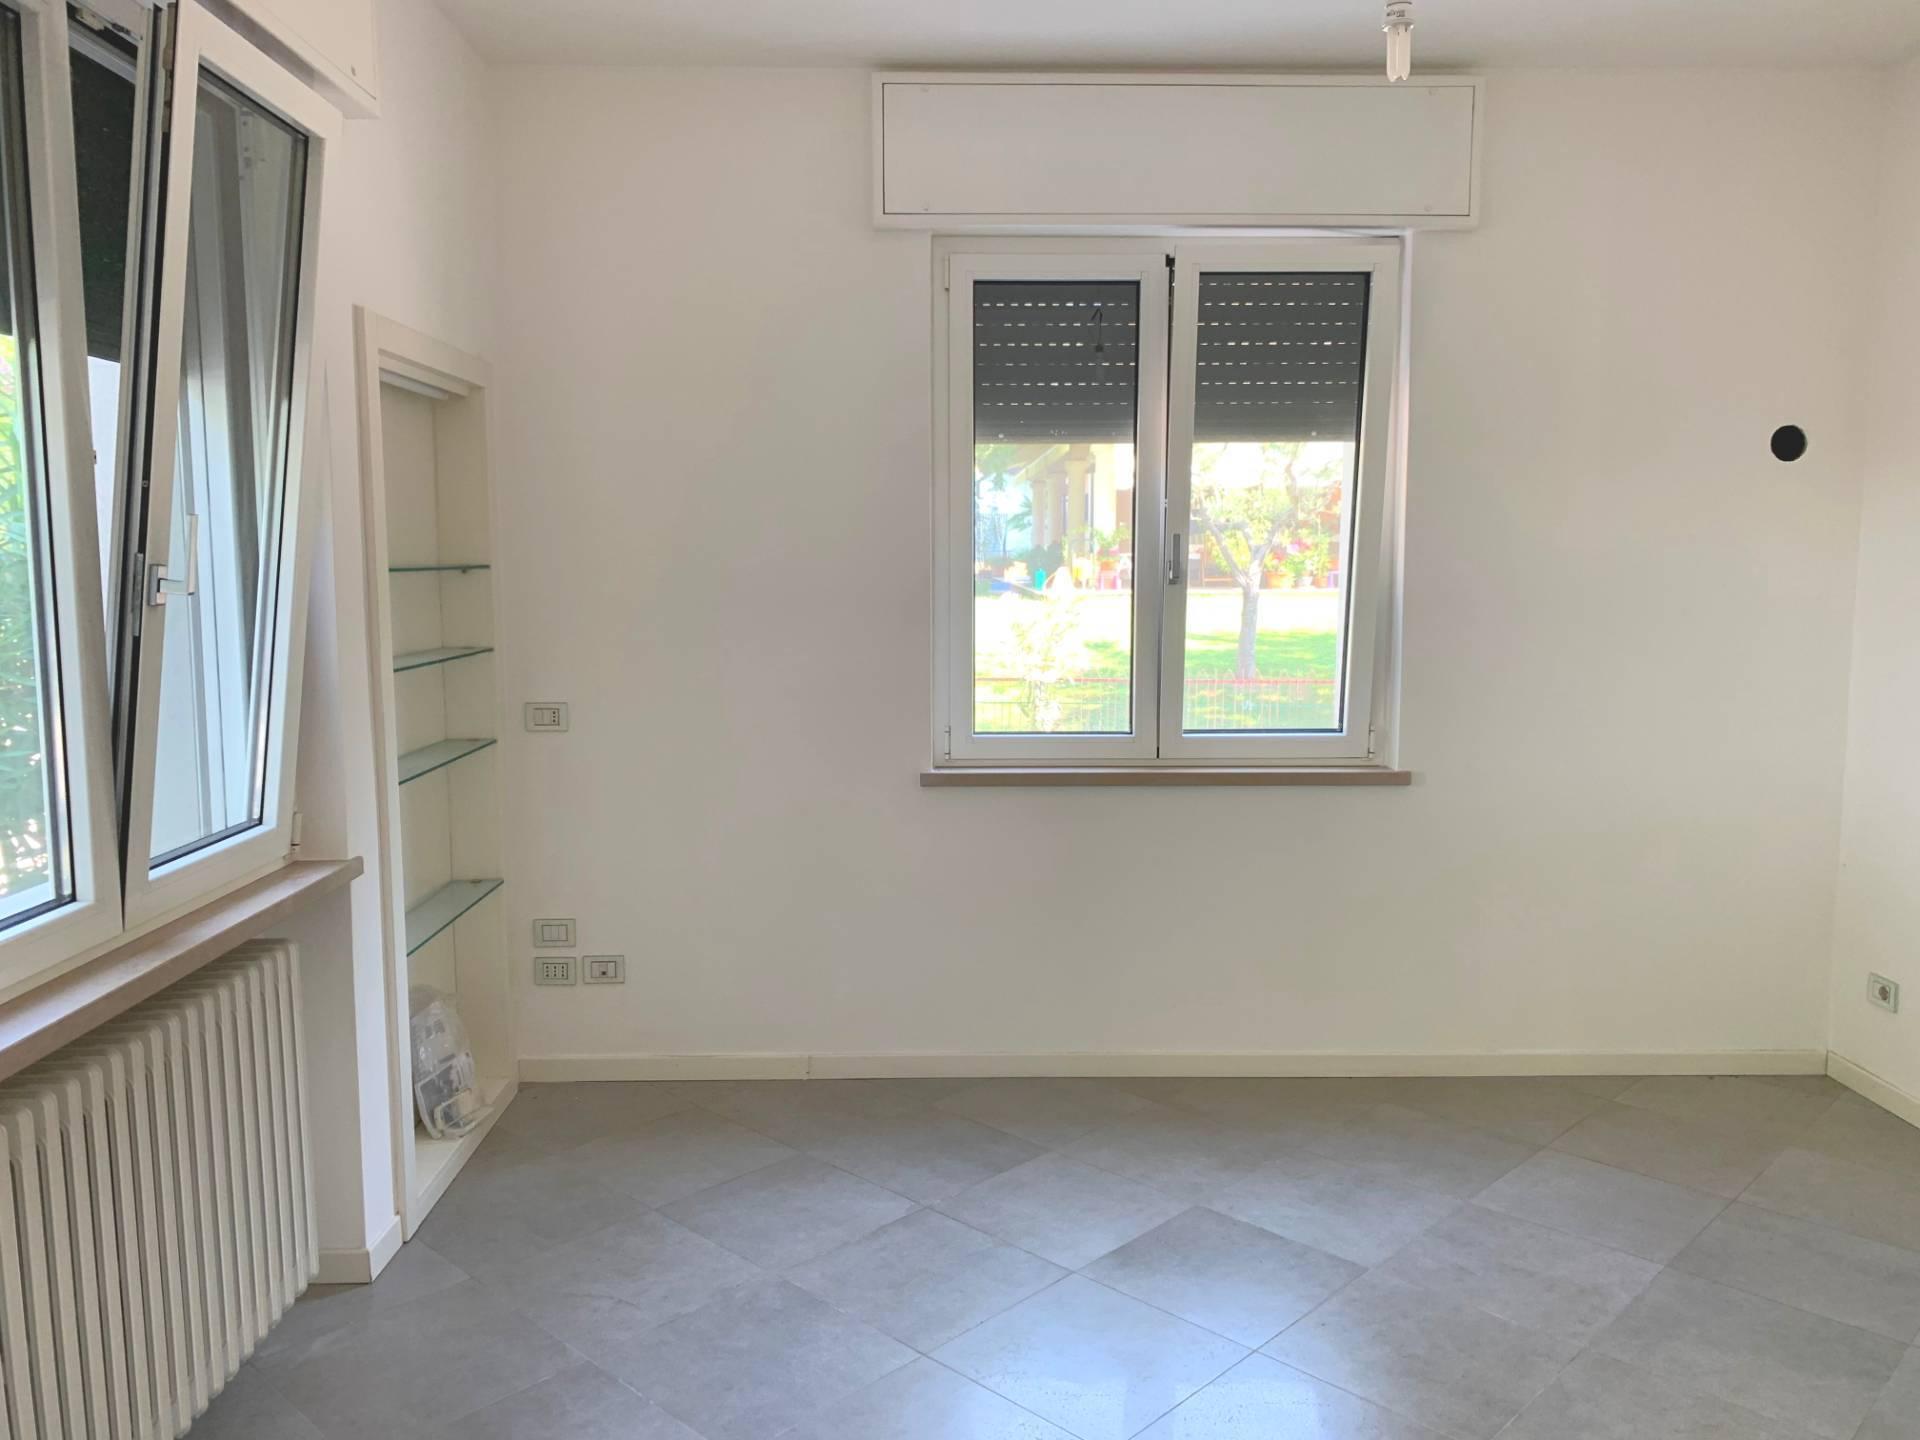 Appartamento in vendita a Sirmione, 3 locali, zona na, prezzo € 260.000   PortaleAgenzieImmobiliari.it